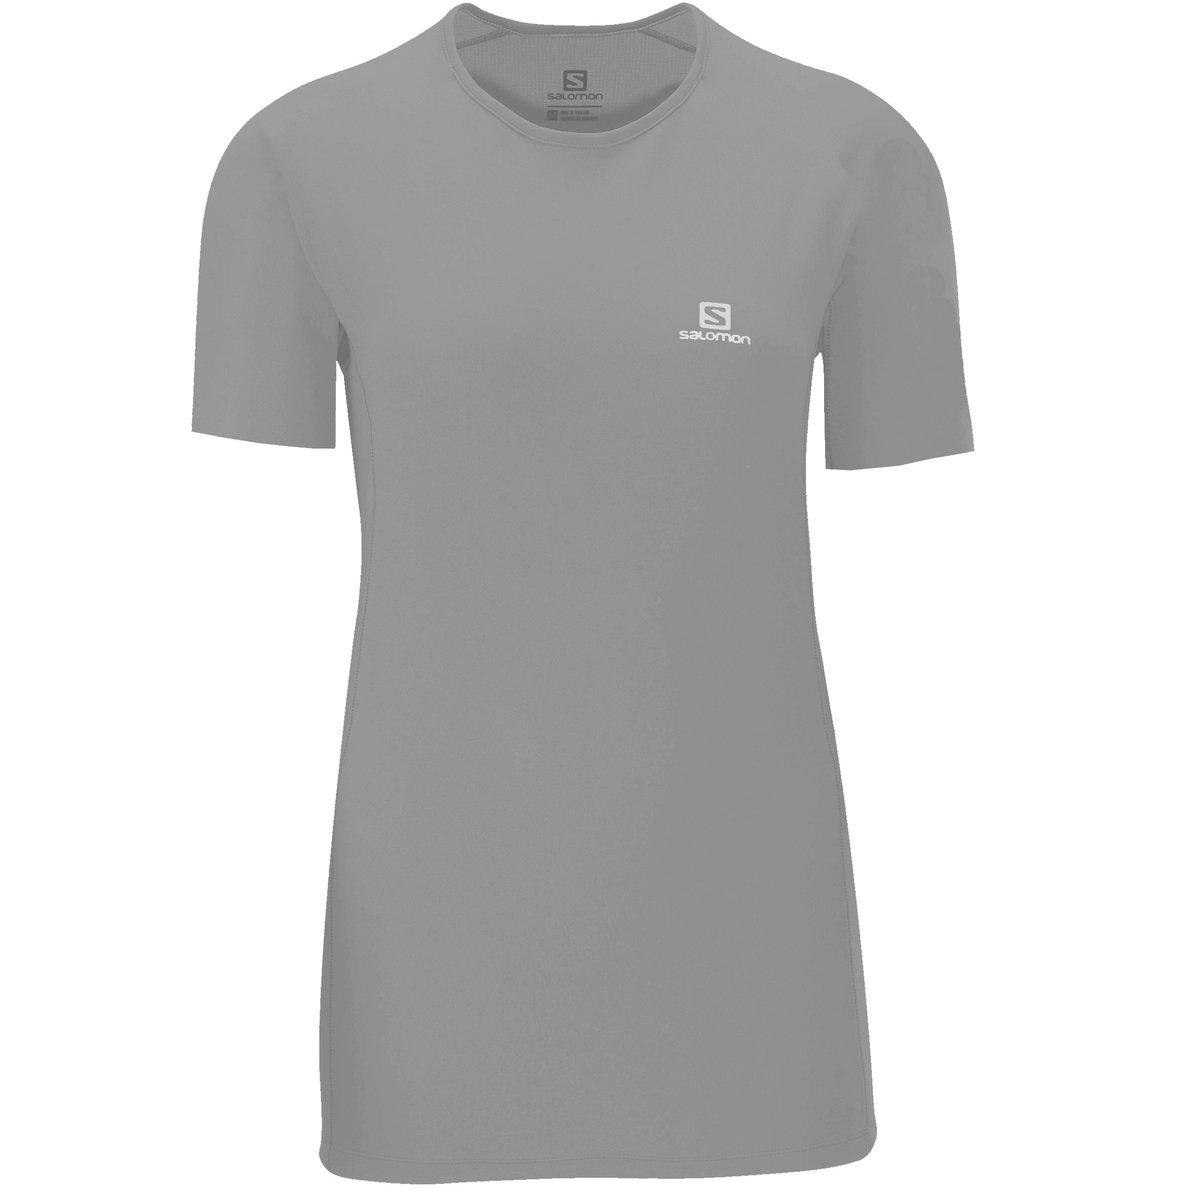 Preto Camiseta Camiseta Hybrid Salomon SS Hybrid SS Salomon cOa76qvwO